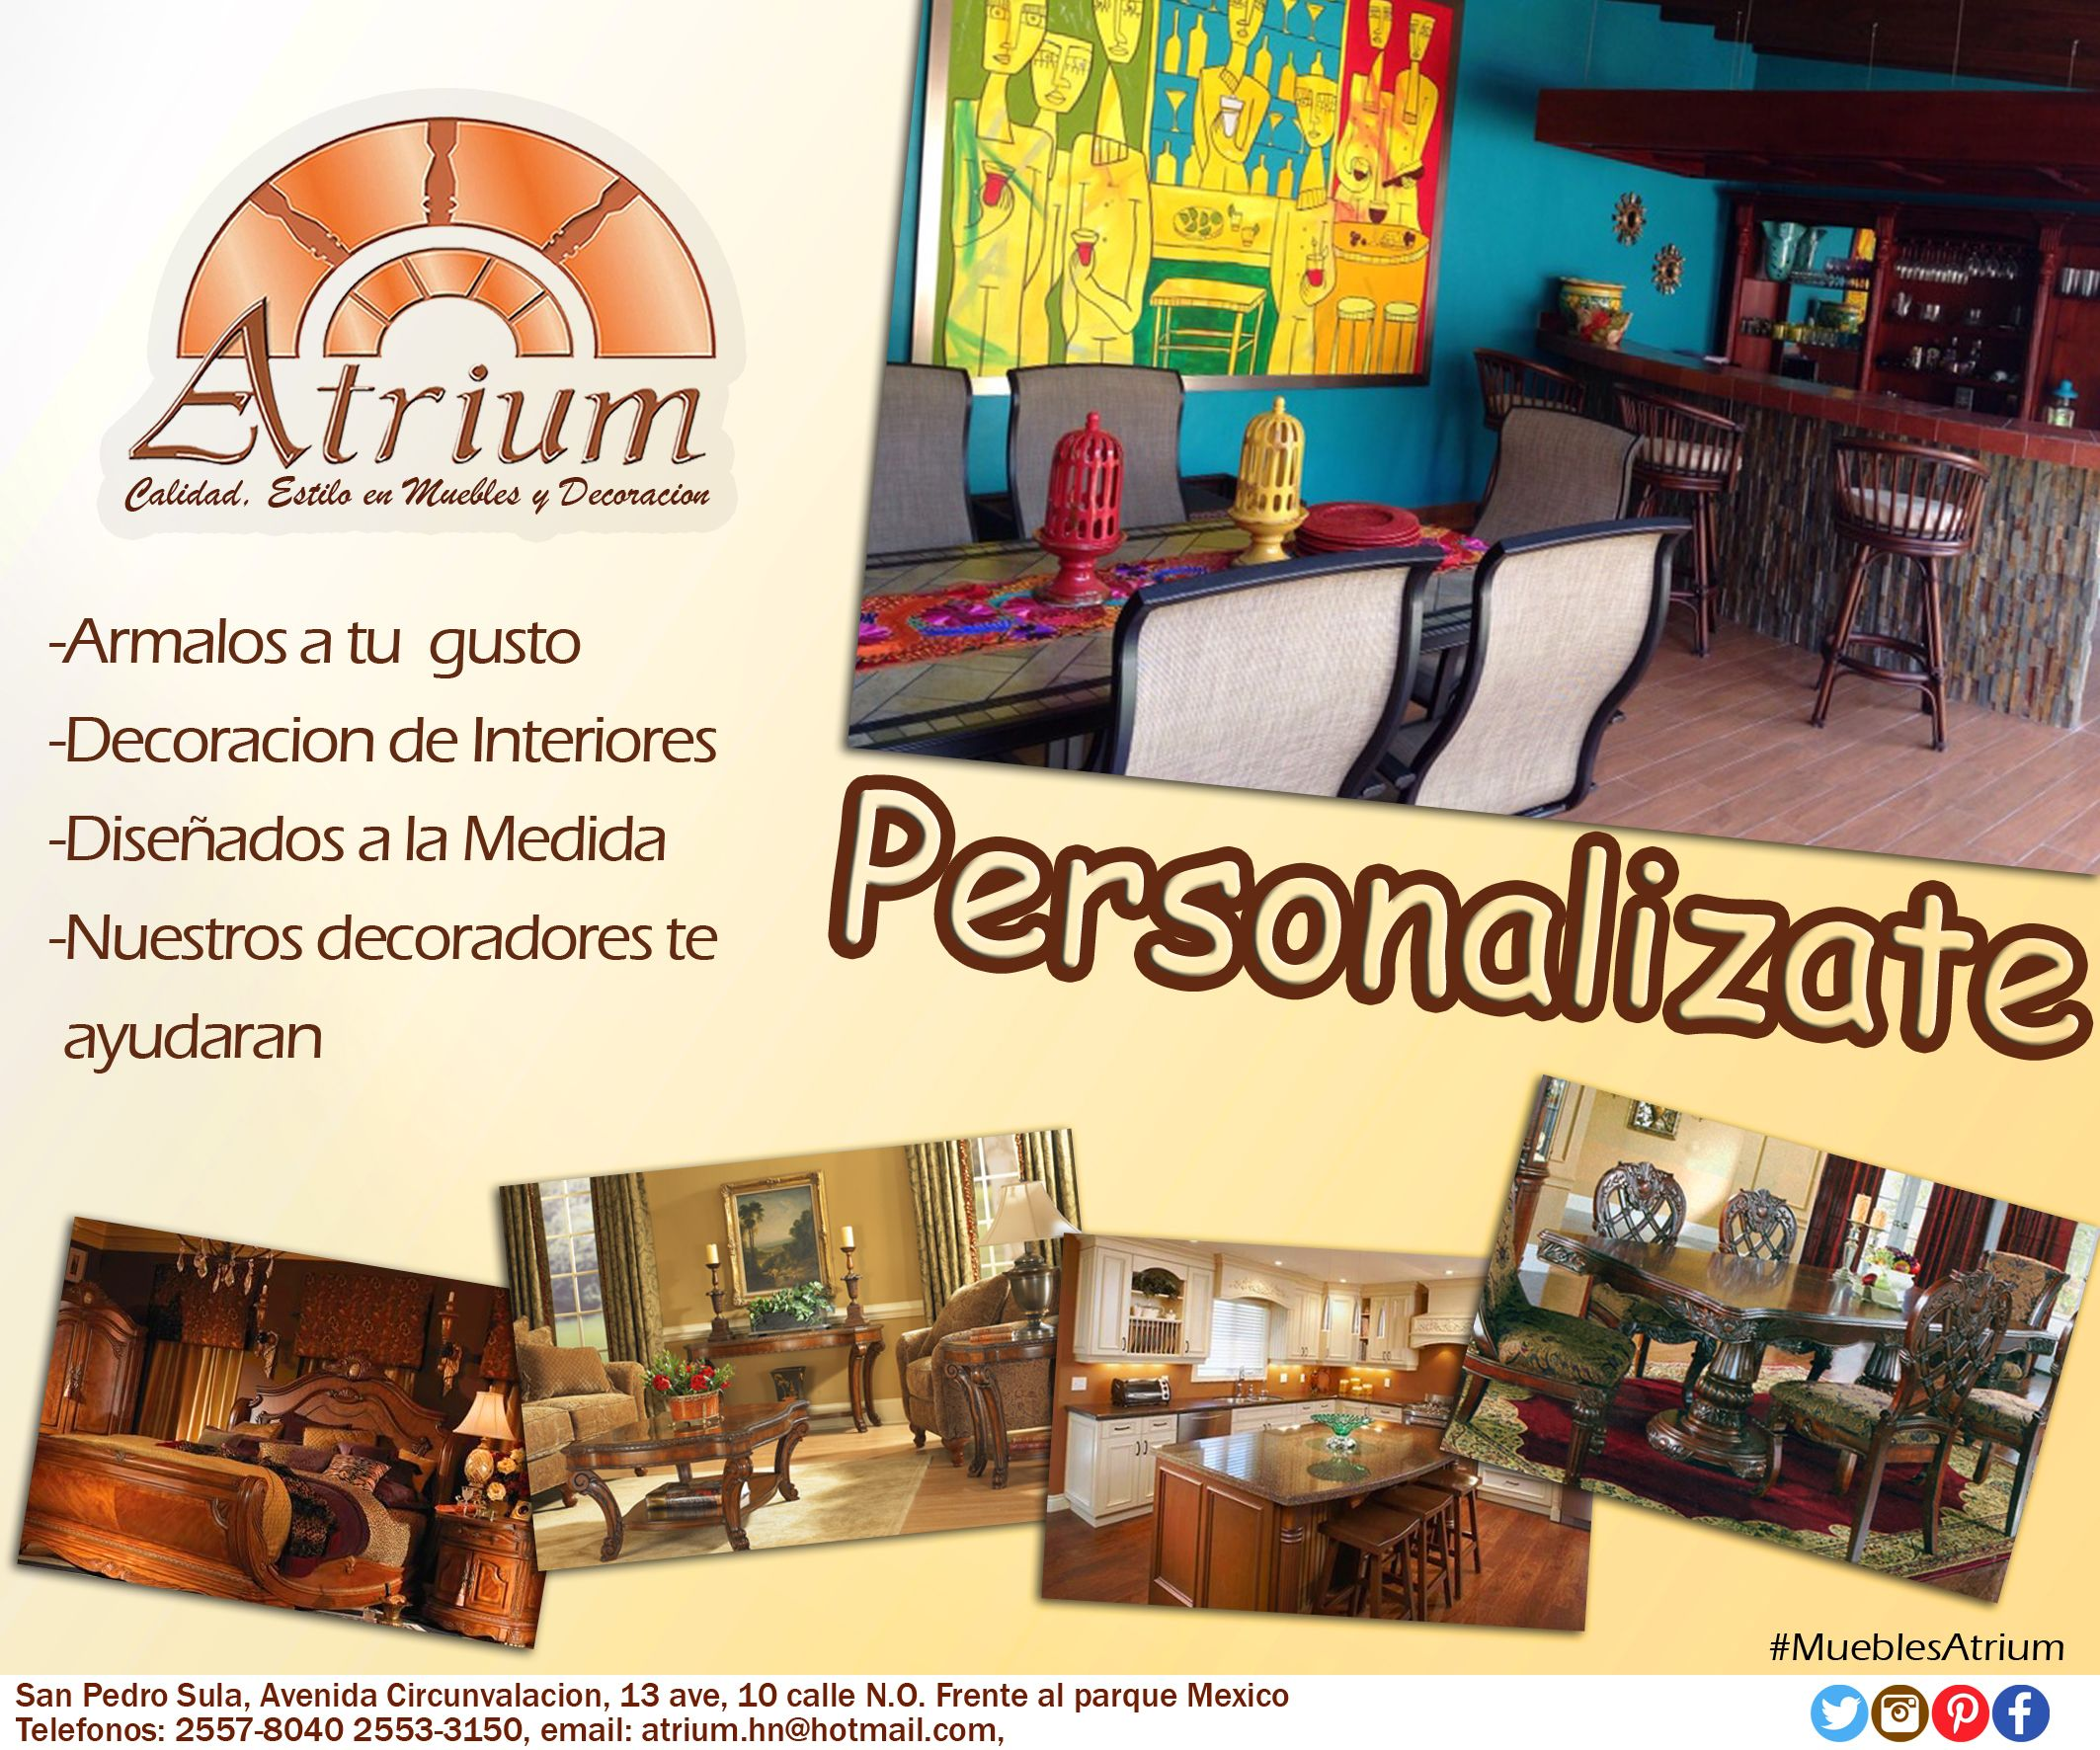 Personalizate Con Muebles Atrium Promociones Pinterest # Muebles Silvia Bucaramanga